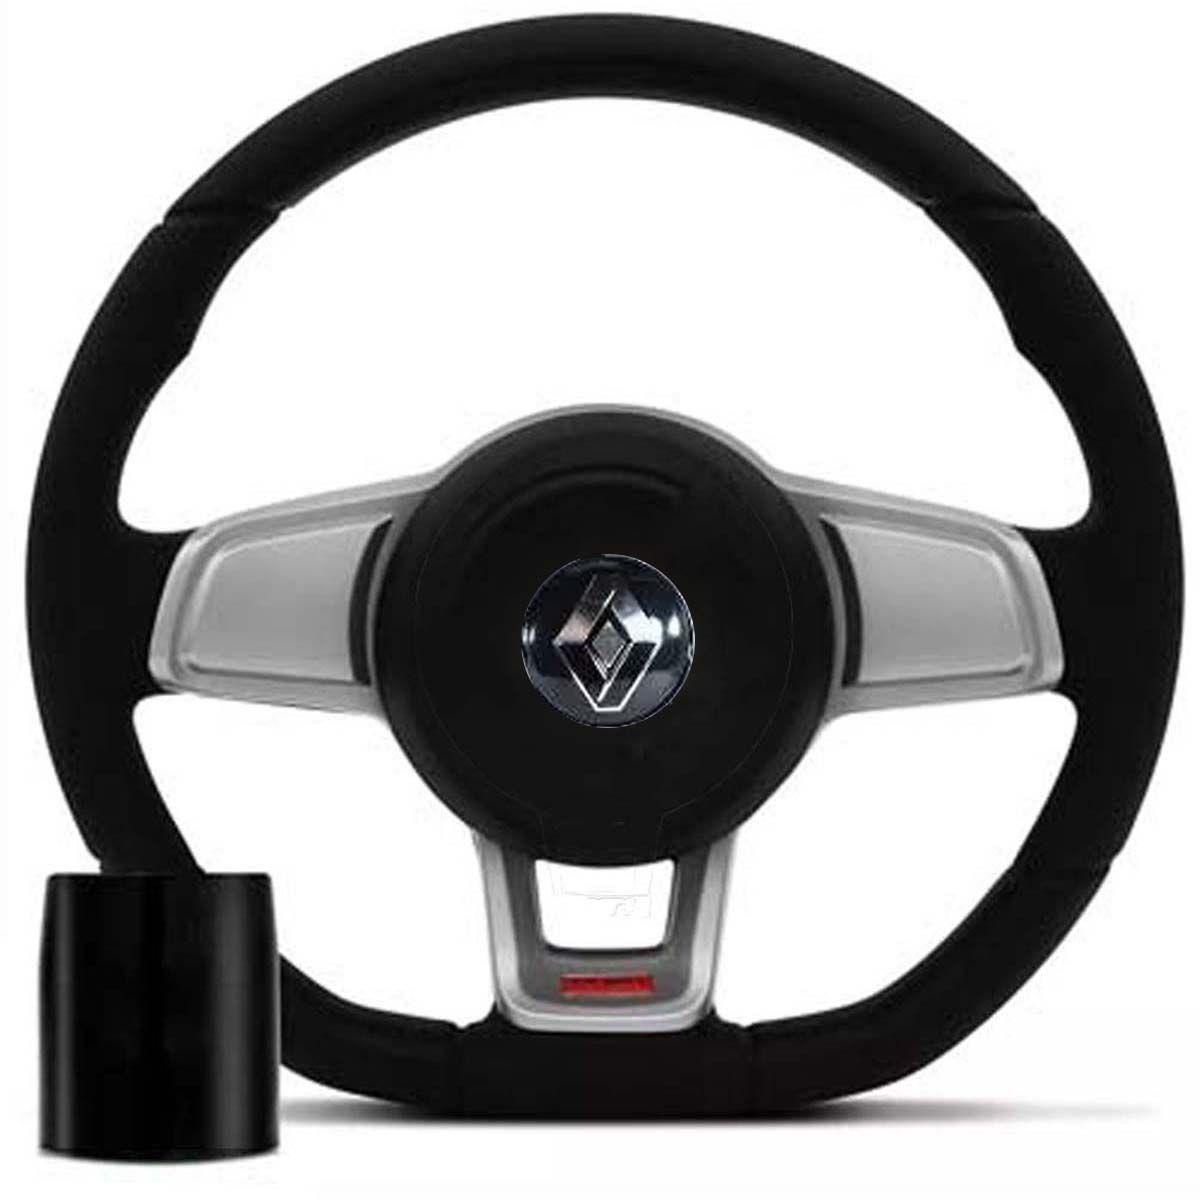 Volante Esportivo Golf GTI Mk7 Renault Clio Logan Sandero com Tampa Acionador de Buzina + Cubo